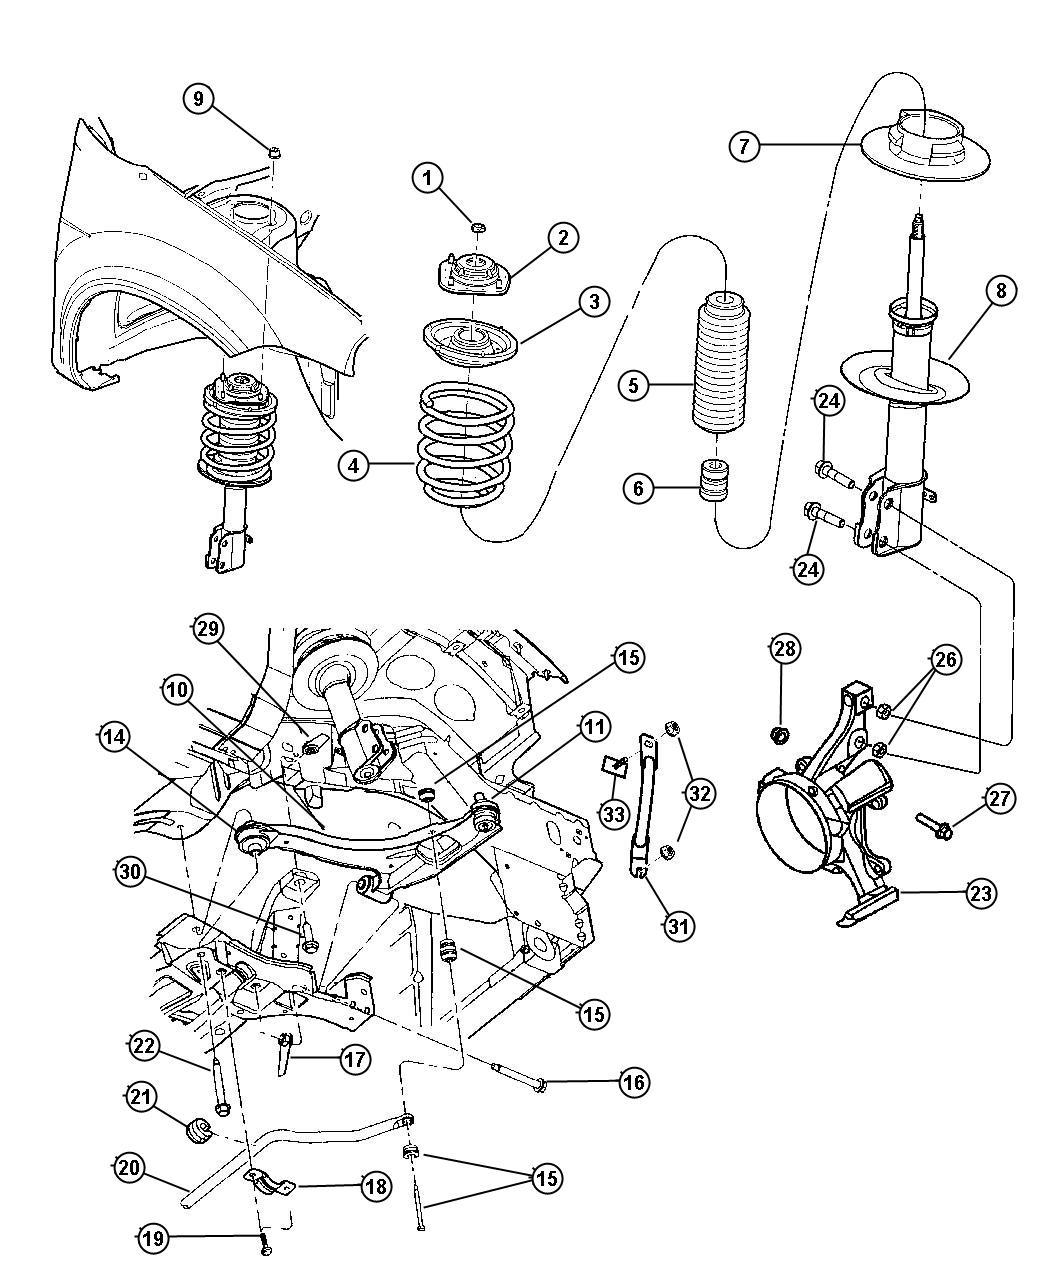 Dodge Neon Arm Control Right